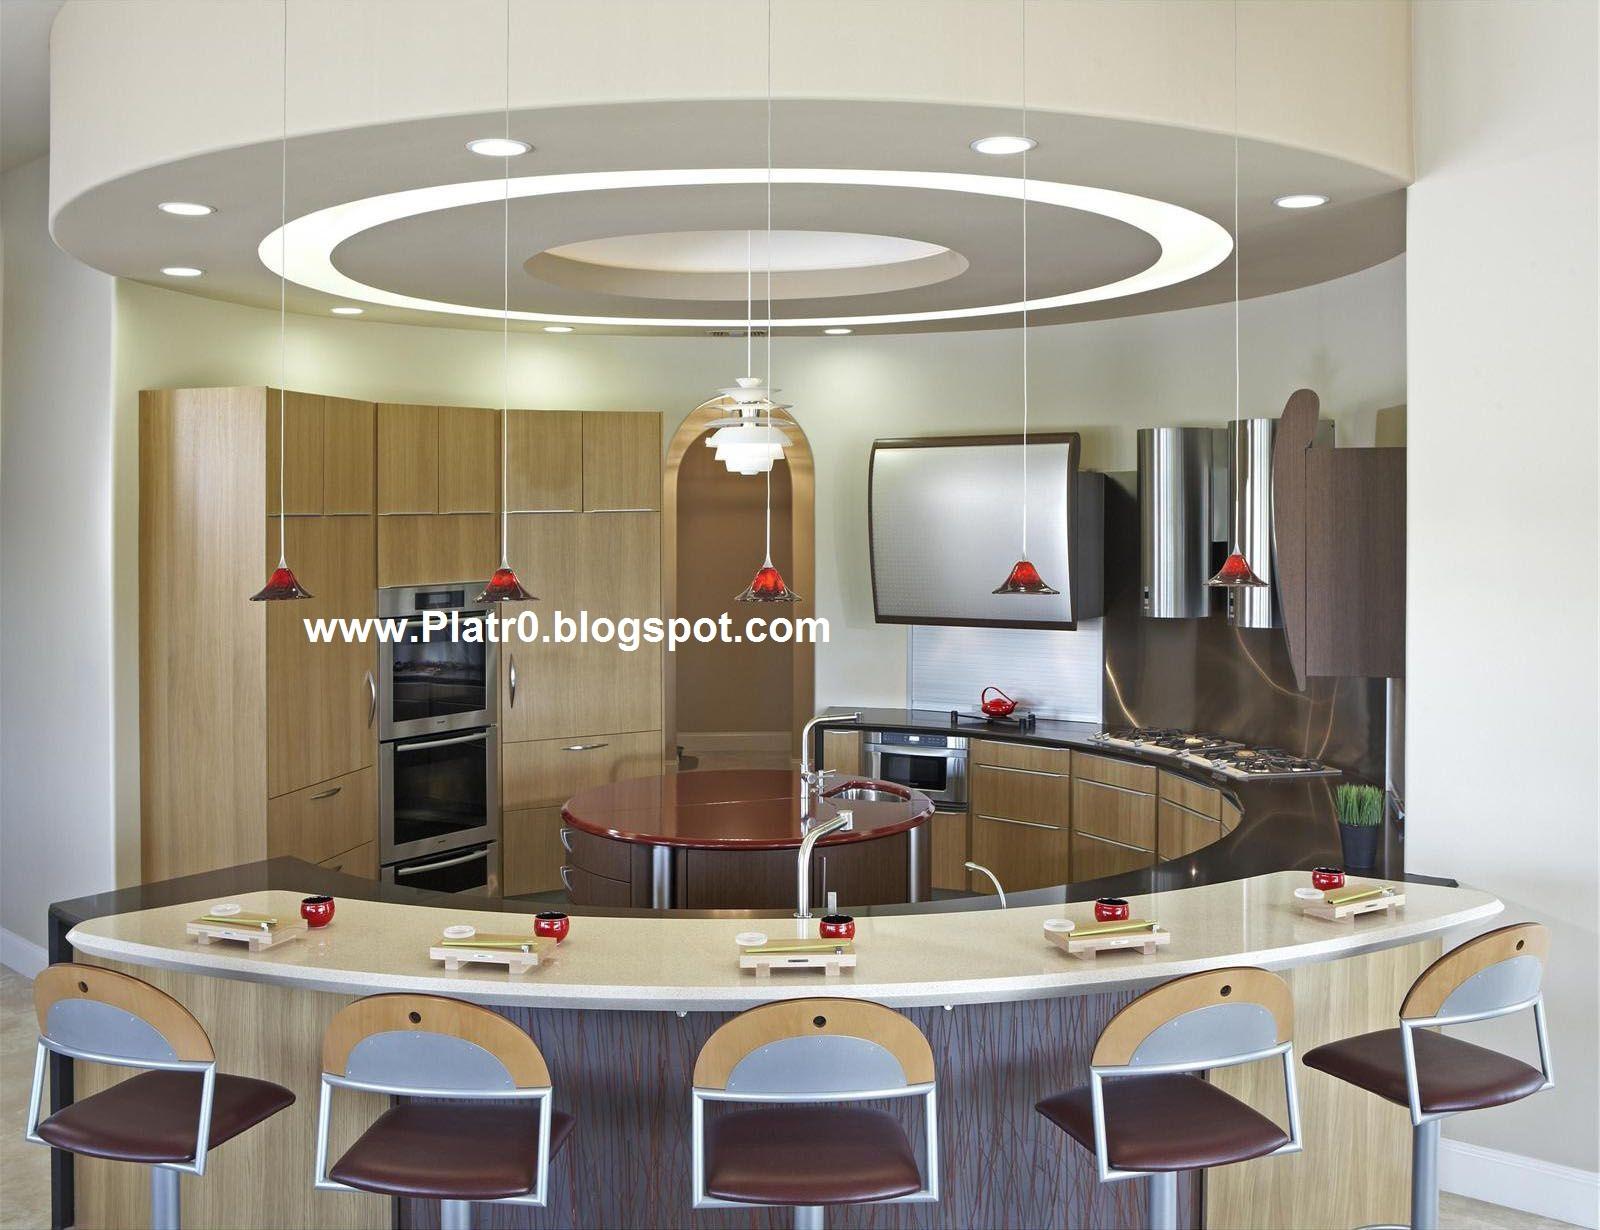 Faux Plafond Suspendu Cuisine faux plafond spots cuisine - décoration platre maroc - faux